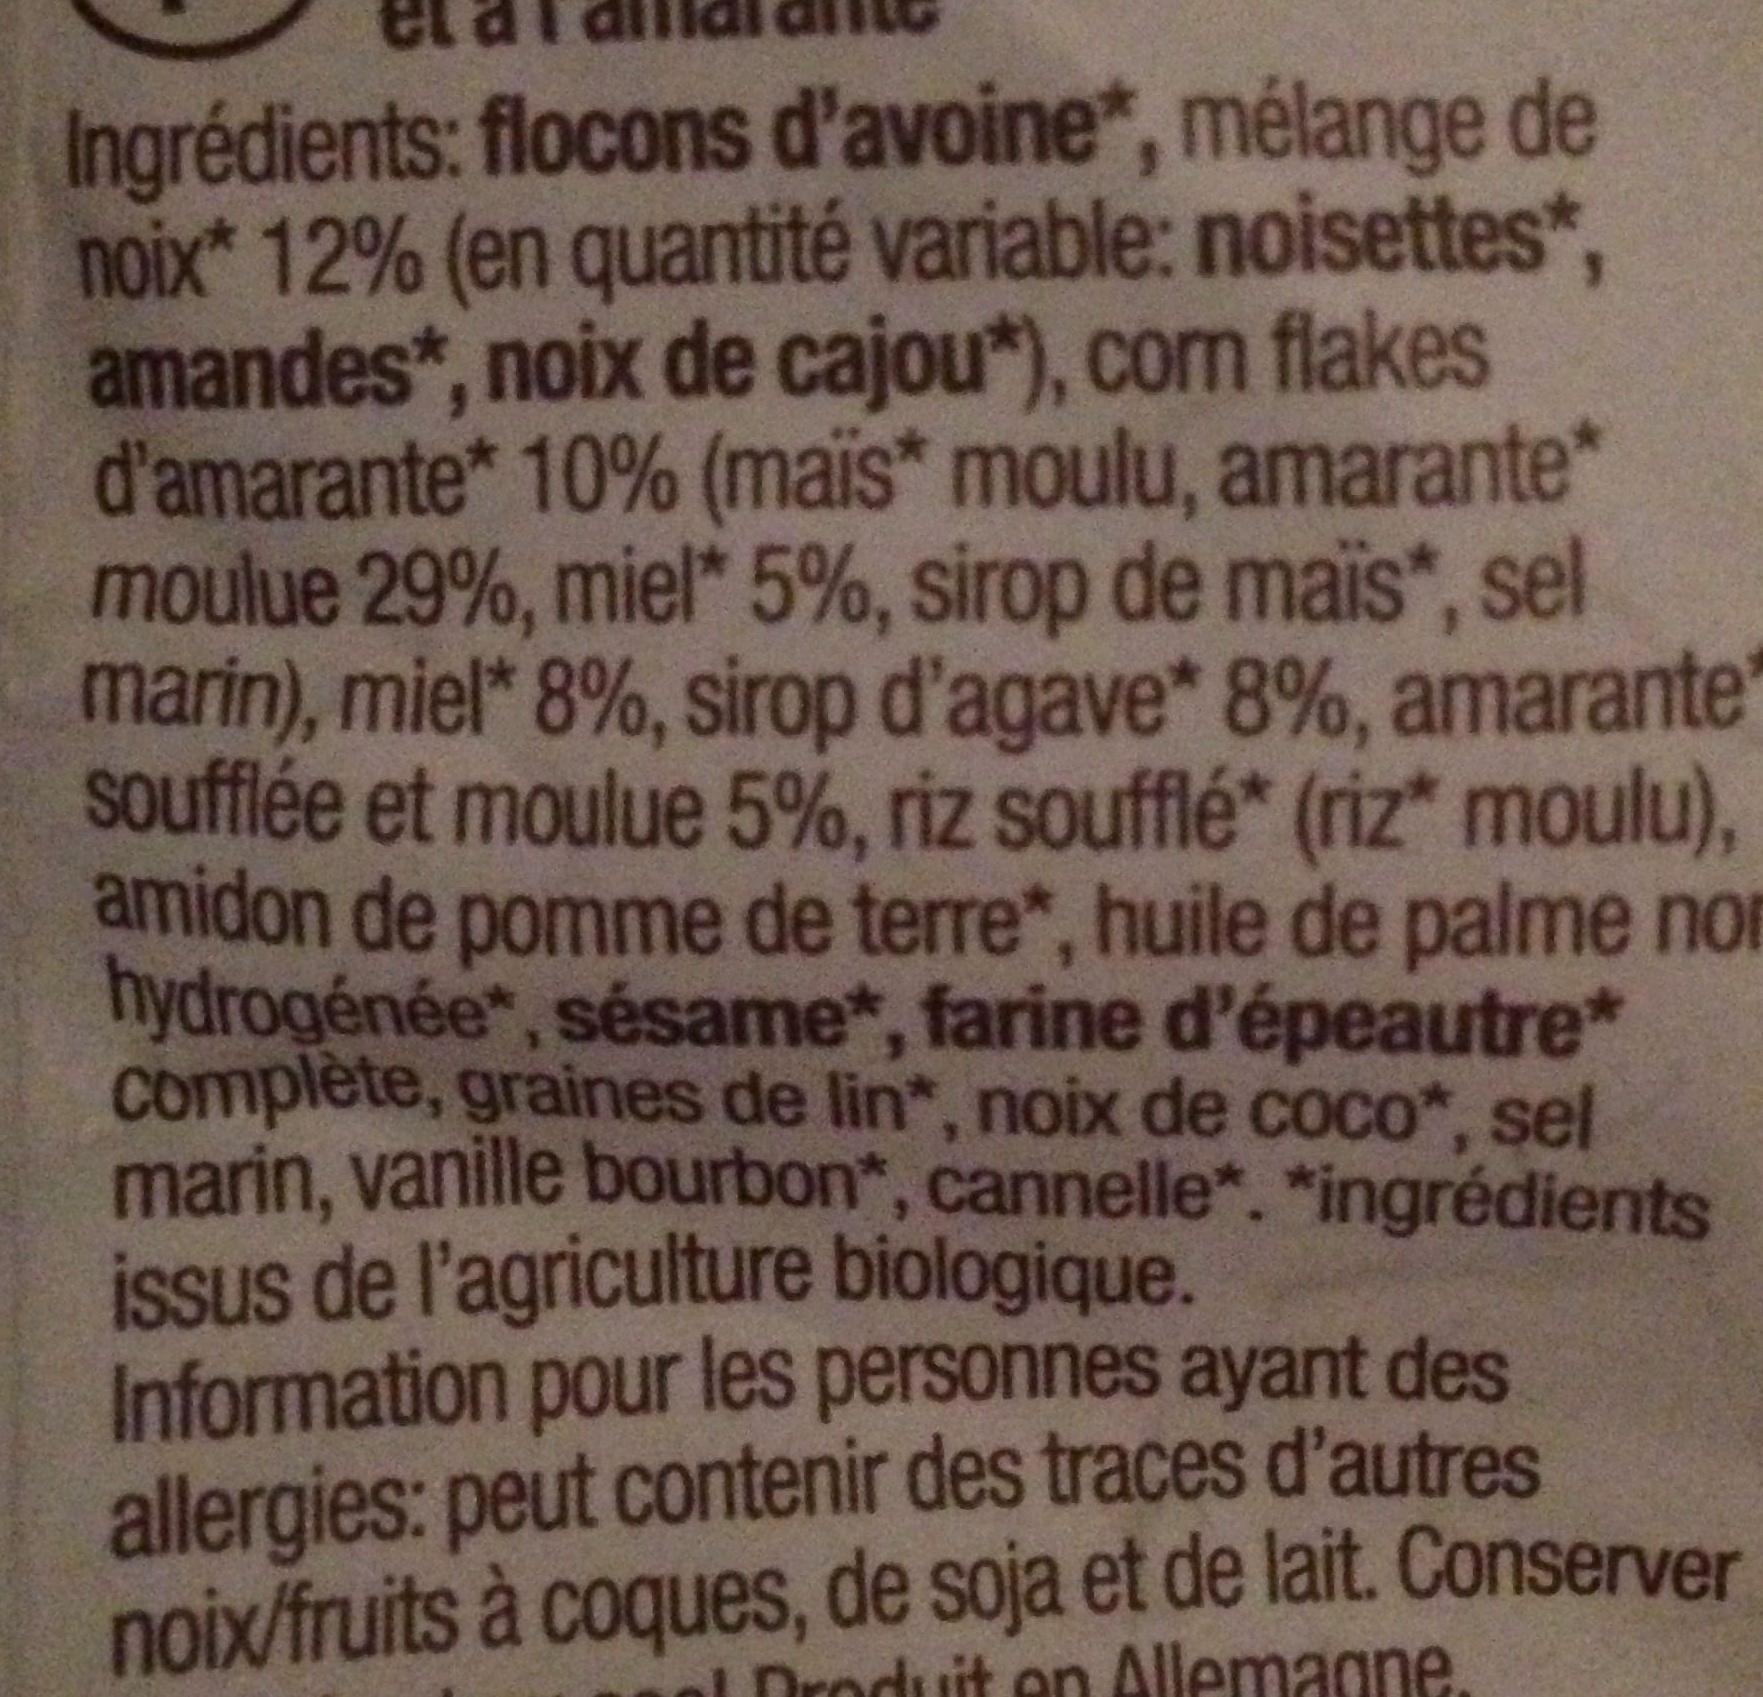 Amaranth crunchy edelnuss - Ingredients